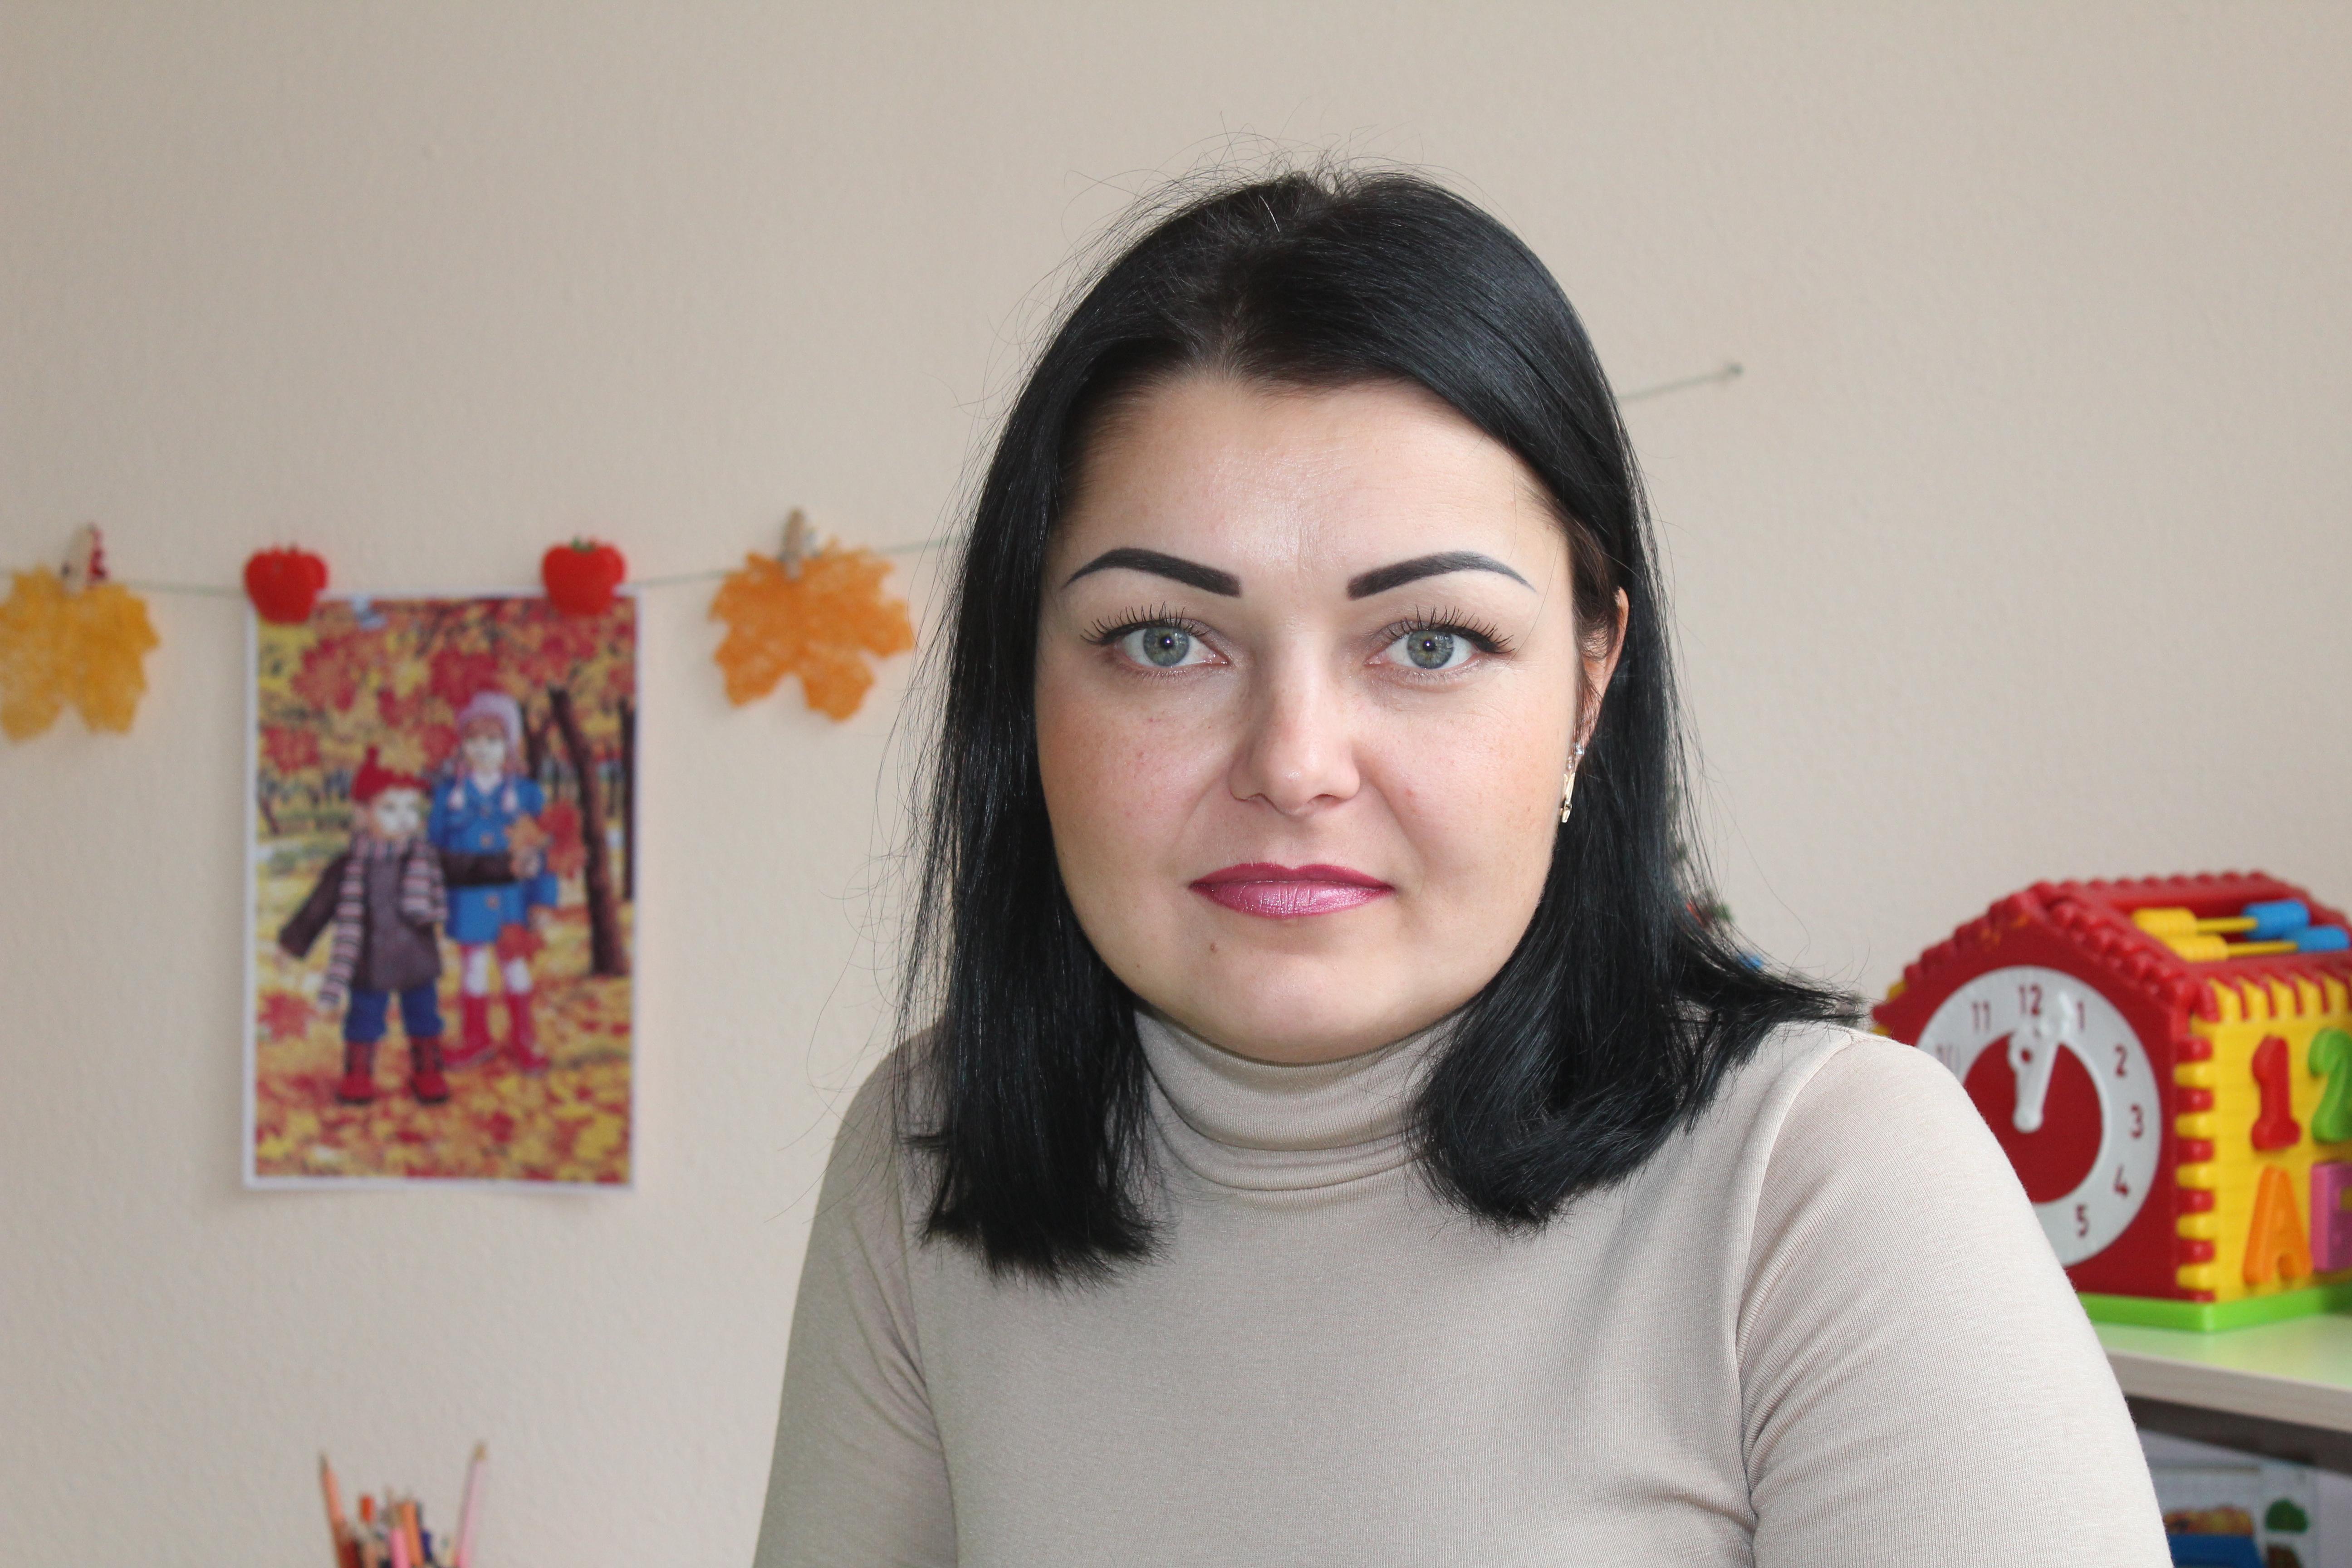 Завгородня Ганна Сергіївна